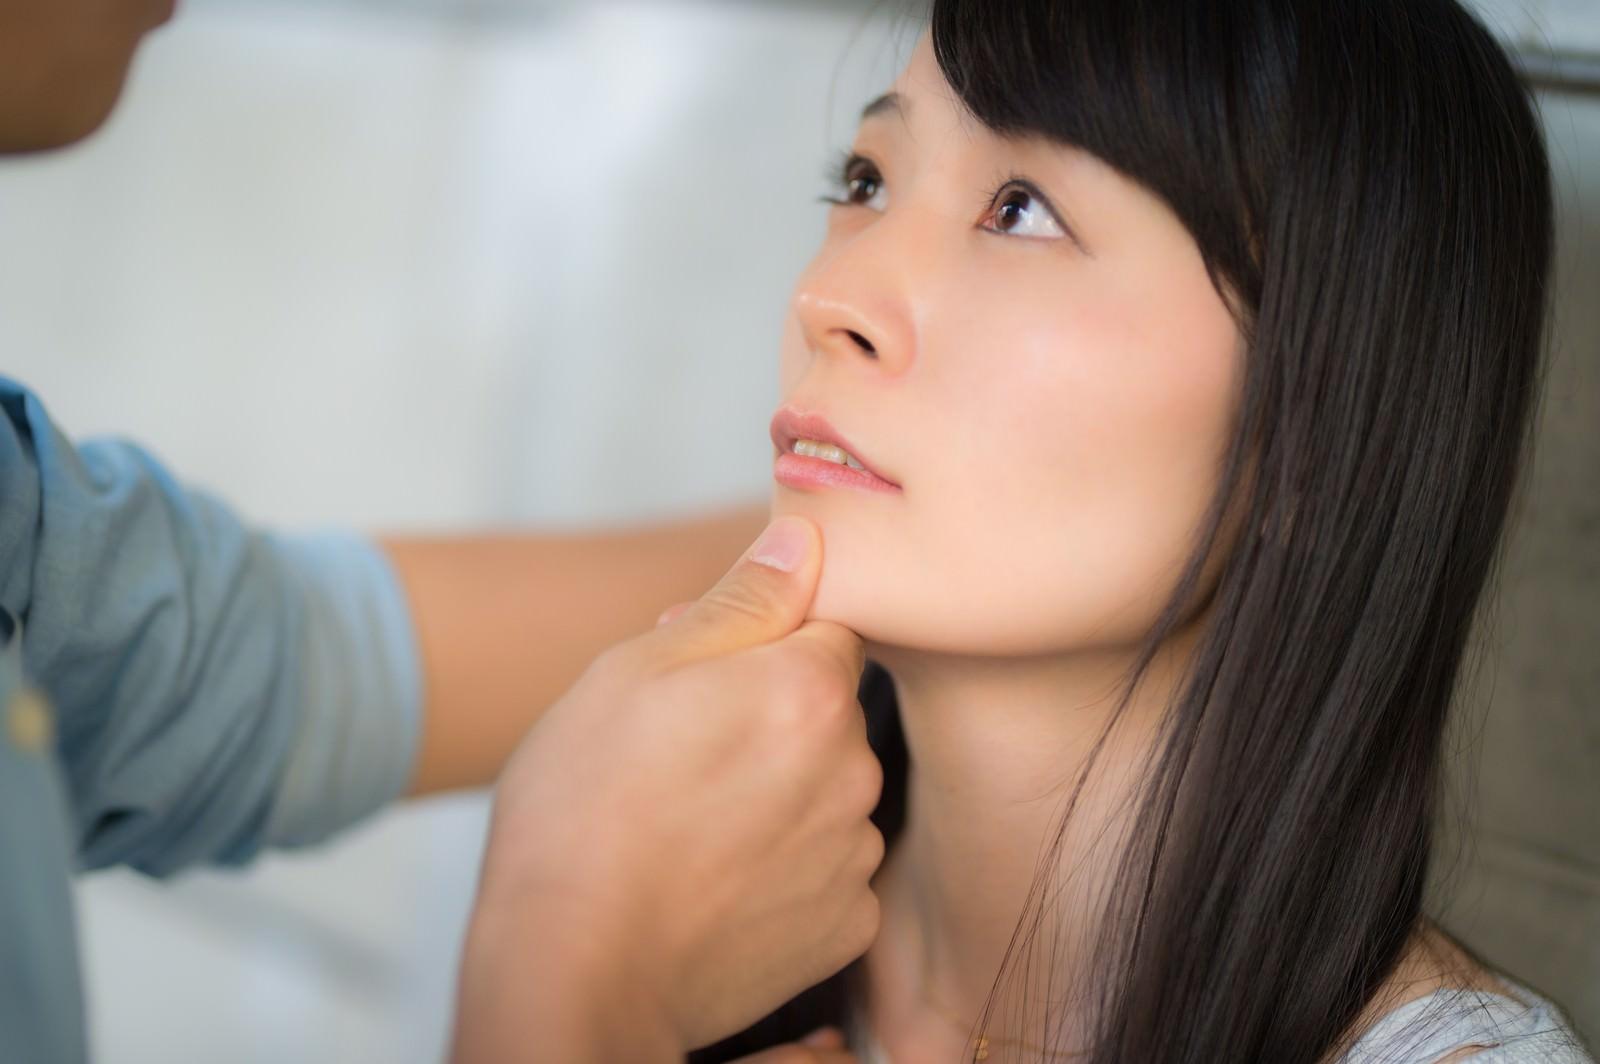 「顎クイはキスの前兆と思いきや脅迫される女性顎クイはキスの前兆と思いきや脅迫される女性」[モデル:たけべともこ]のフリー写真素材を拡大